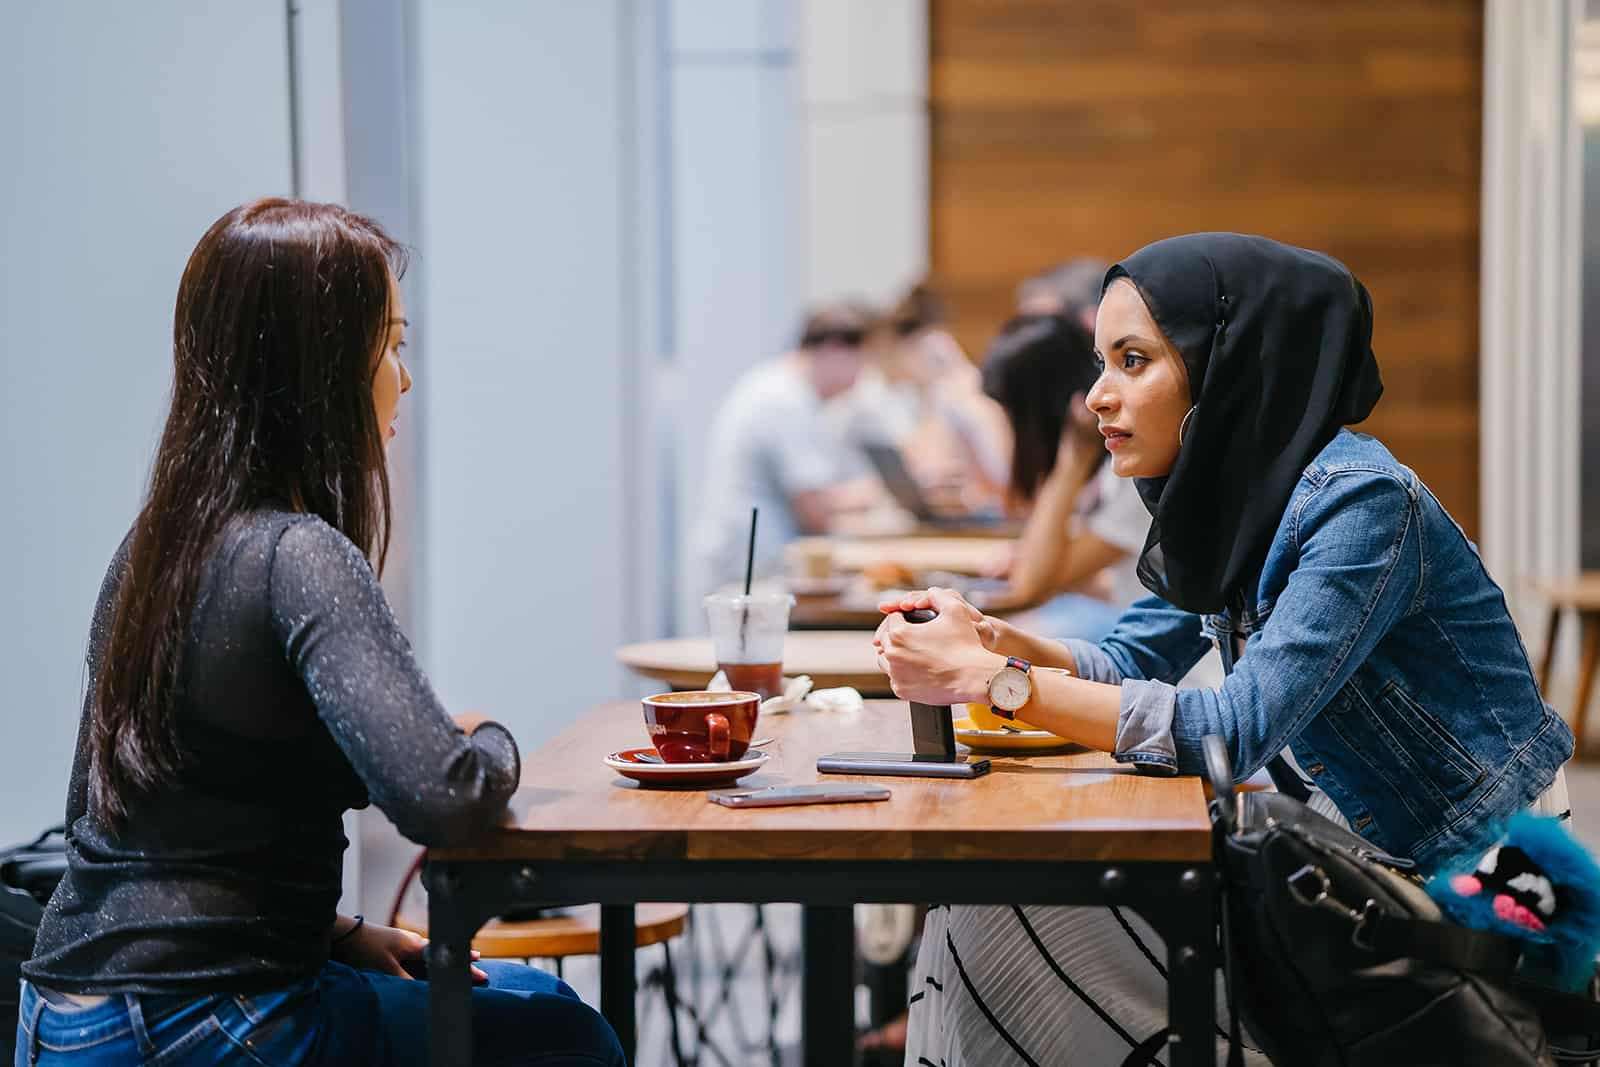 eine enttäuschte Frau, die ihre Freundin ansieht, die ihr im Café gegenüber sitzt